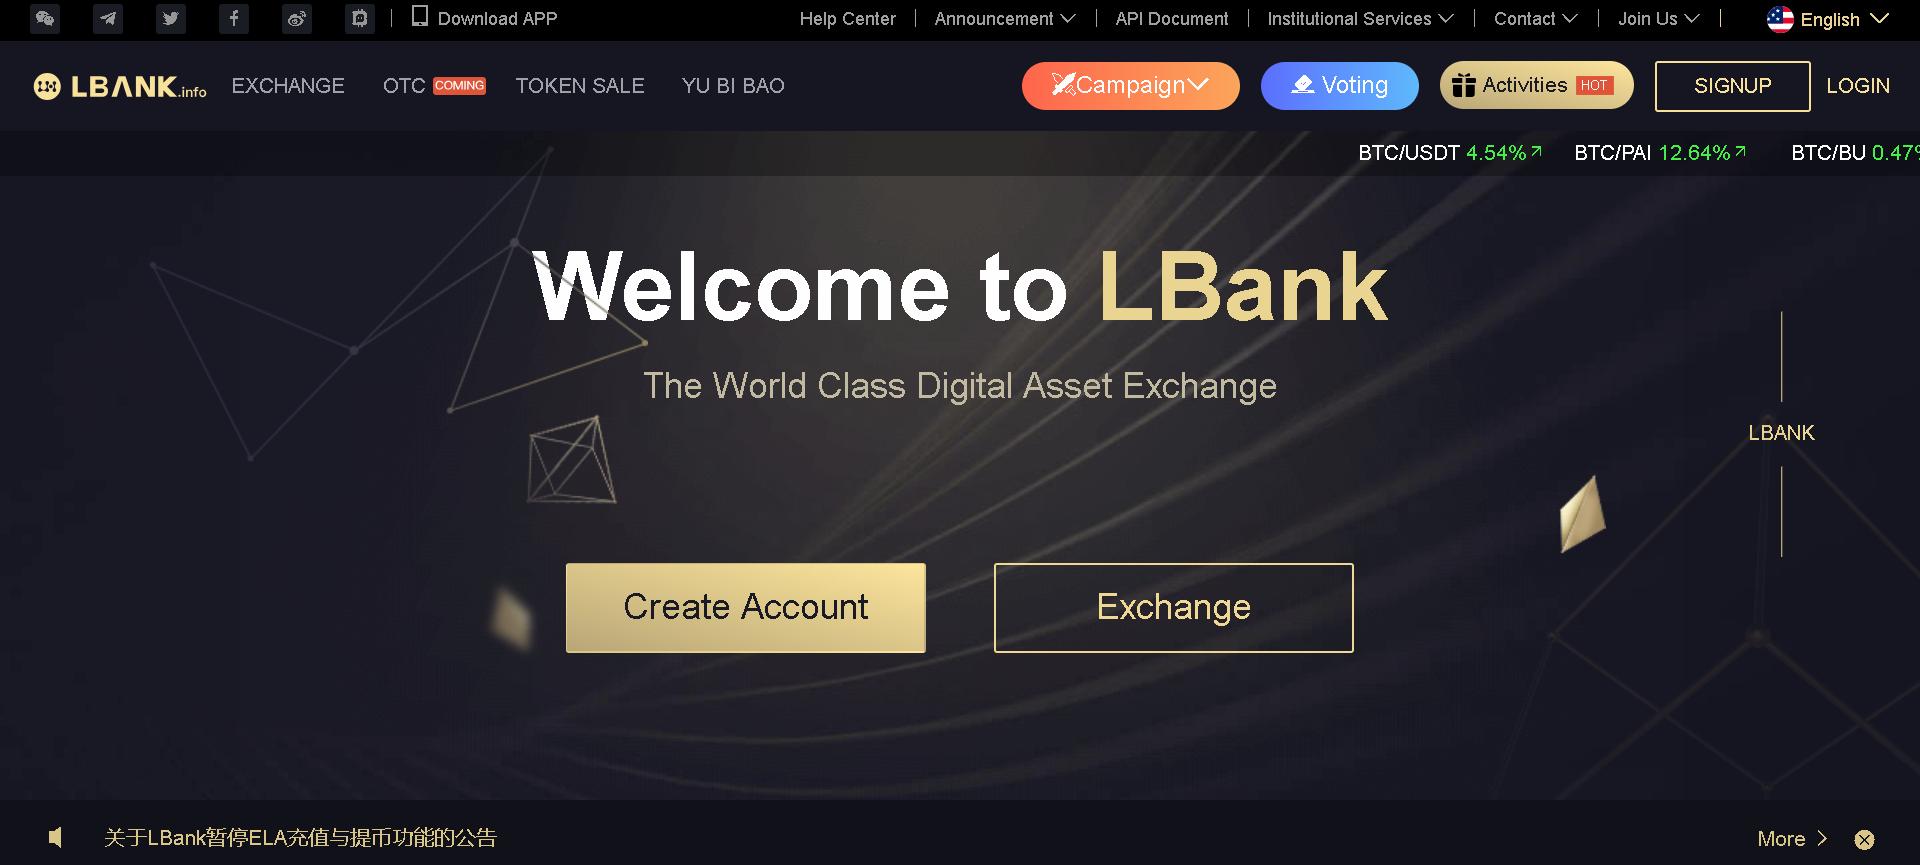 LBank(エルバンク)とは?登録、口座開設方法と使い方を解説!【5分で分かる】